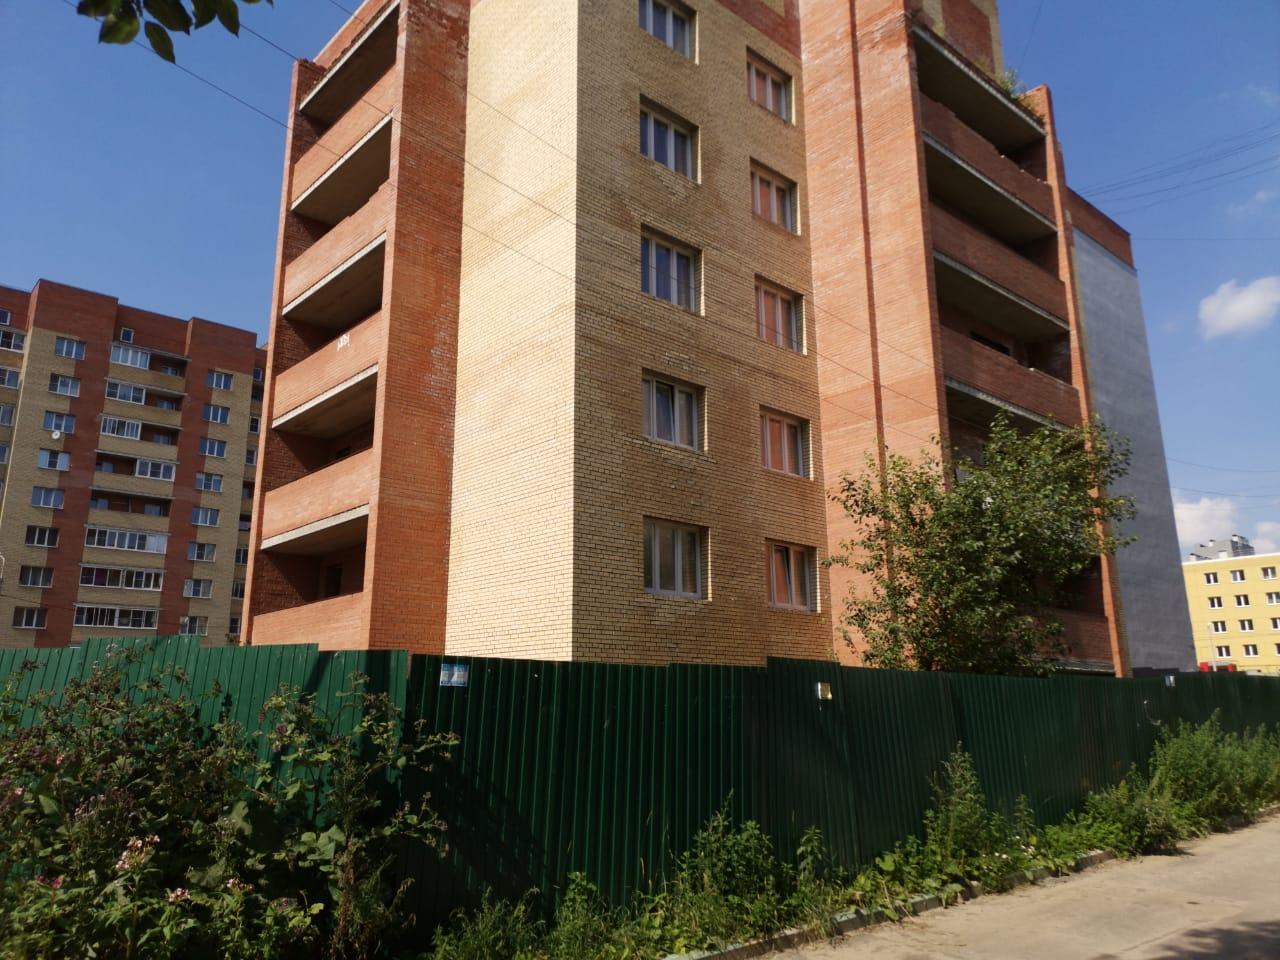 Проблемный жилой дом на улице Гражданской в Ярославле должны достроить до конца года